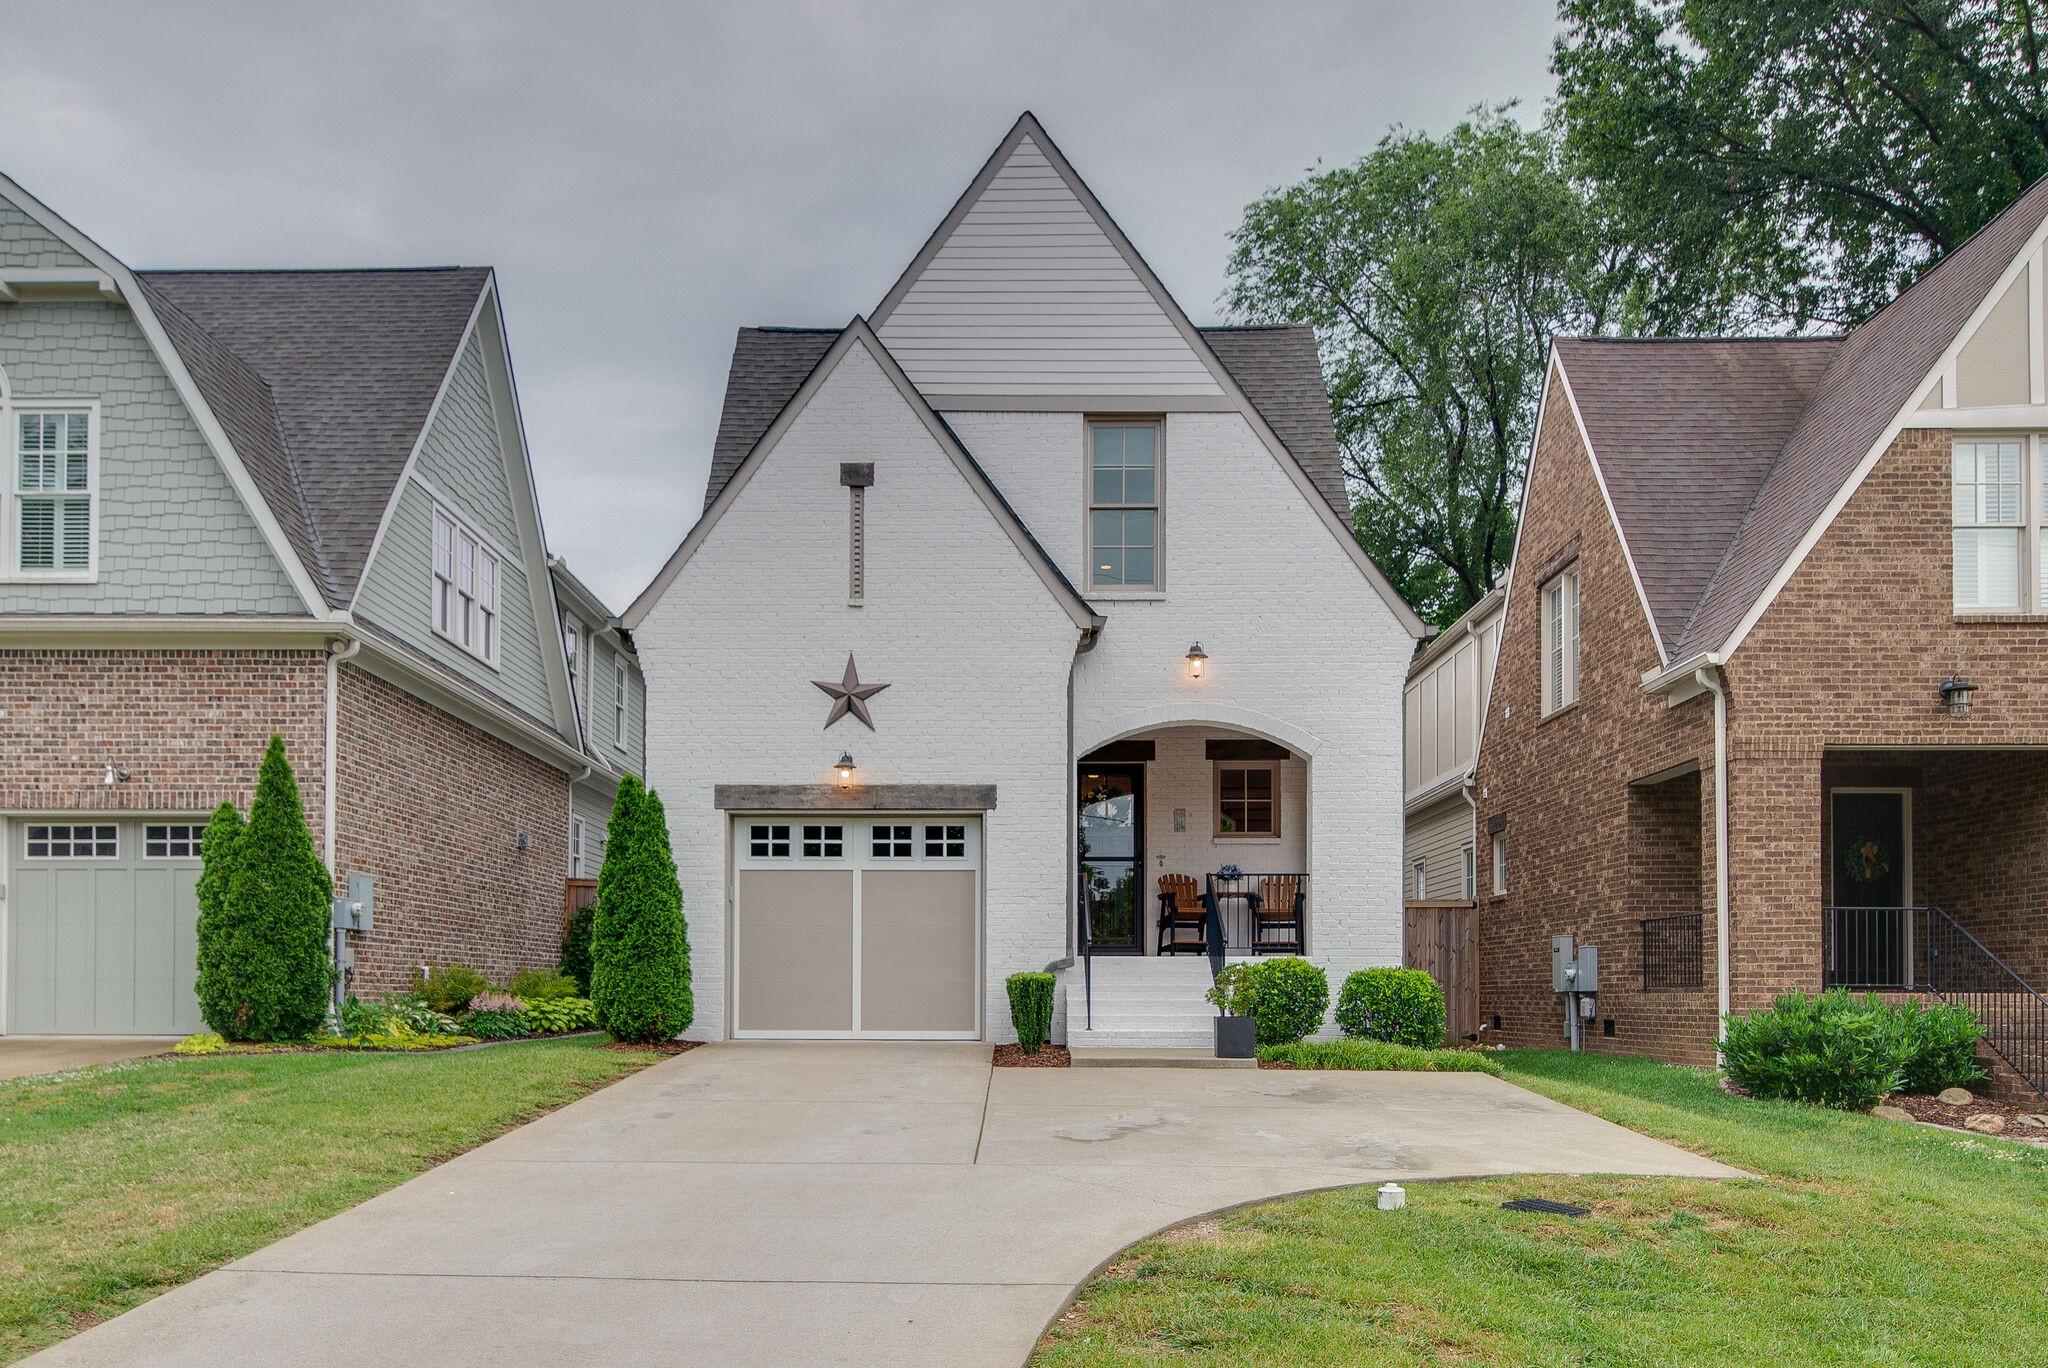 3644 & 3646 Mayflower Cott Real Estate Listings Main Image